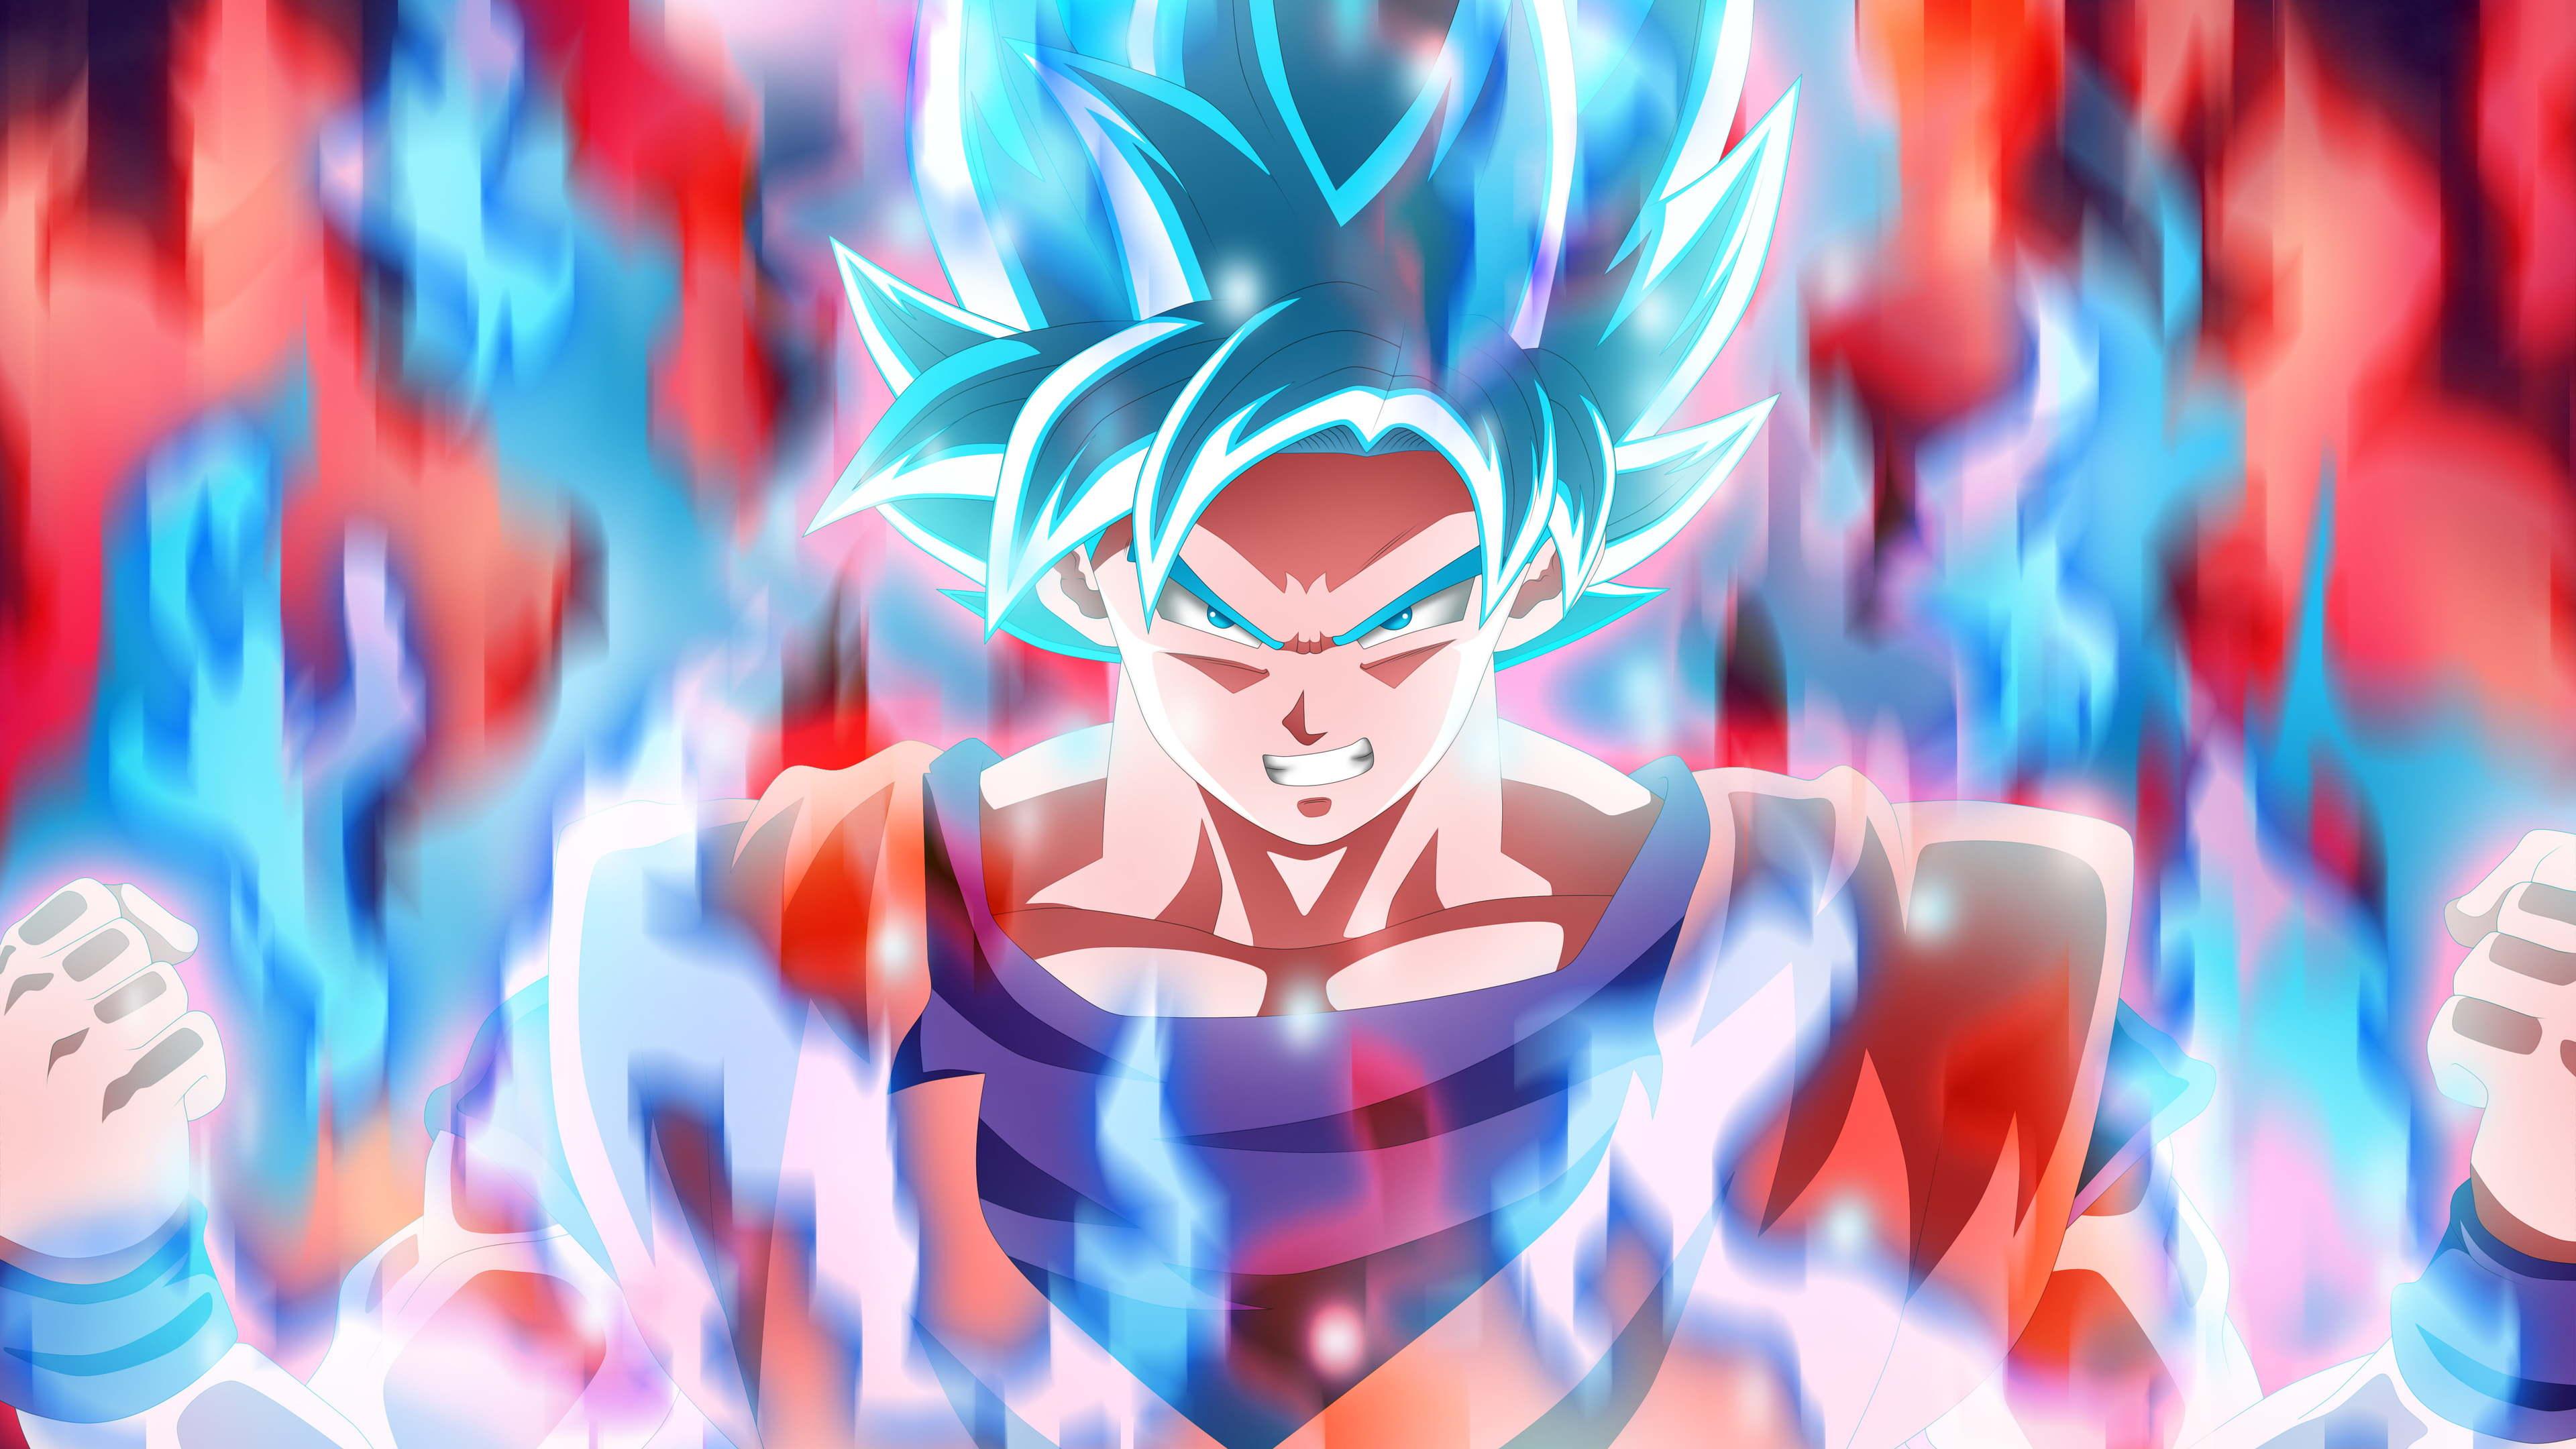 son goku super saiyajin blue 4k 1548527596 - Son Goku Super Saiyajin Blue 4k - hd-wallpapers, goku wallpapers, dragon ball wallpapers, dragon ball super wallpapers, anime wallpapers, 5k wallpapers, 4k-wallpapers